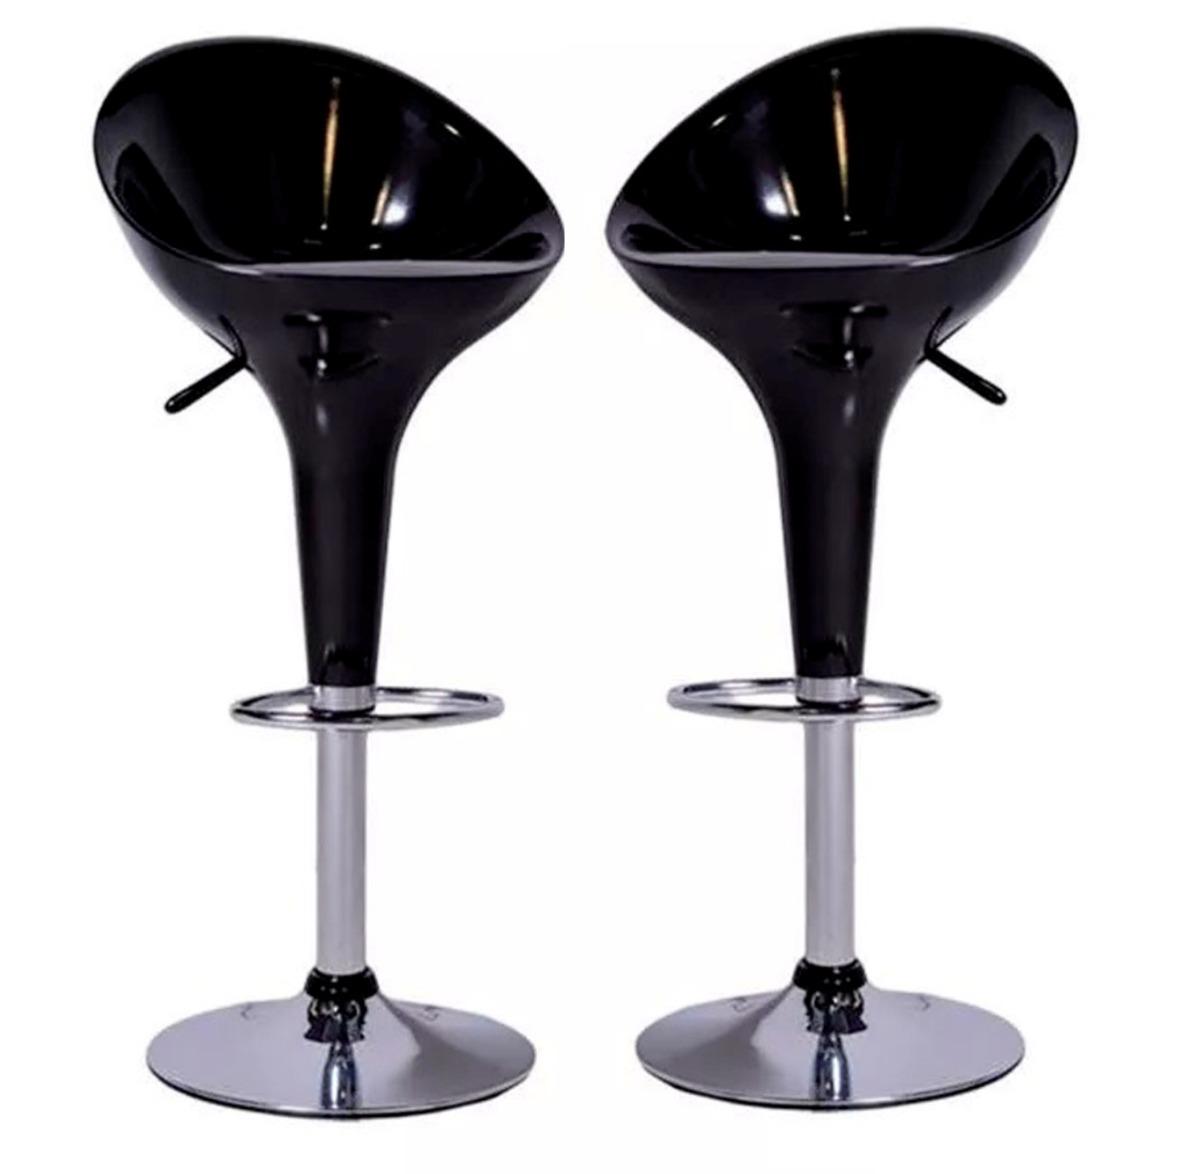 Promo 2 butacas acrilico taburete silla para bar 2 - Butacas para bar ...